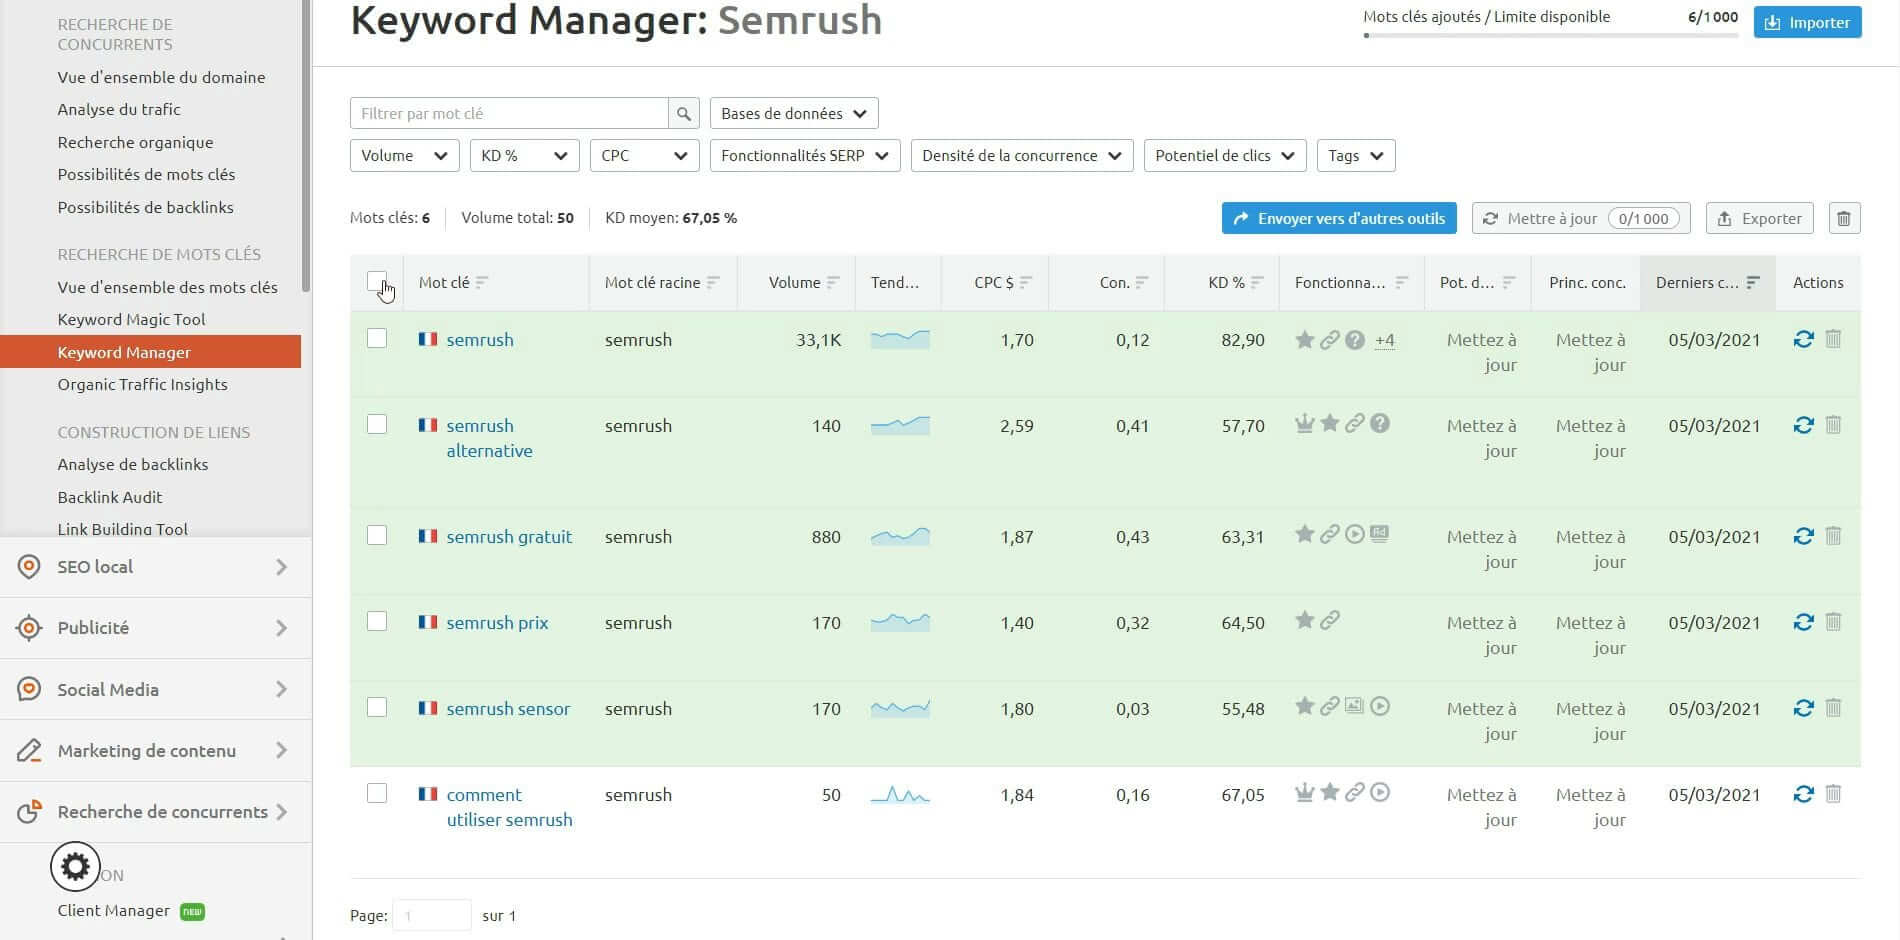 Keyword manager, l'outil de gestion des mots clés